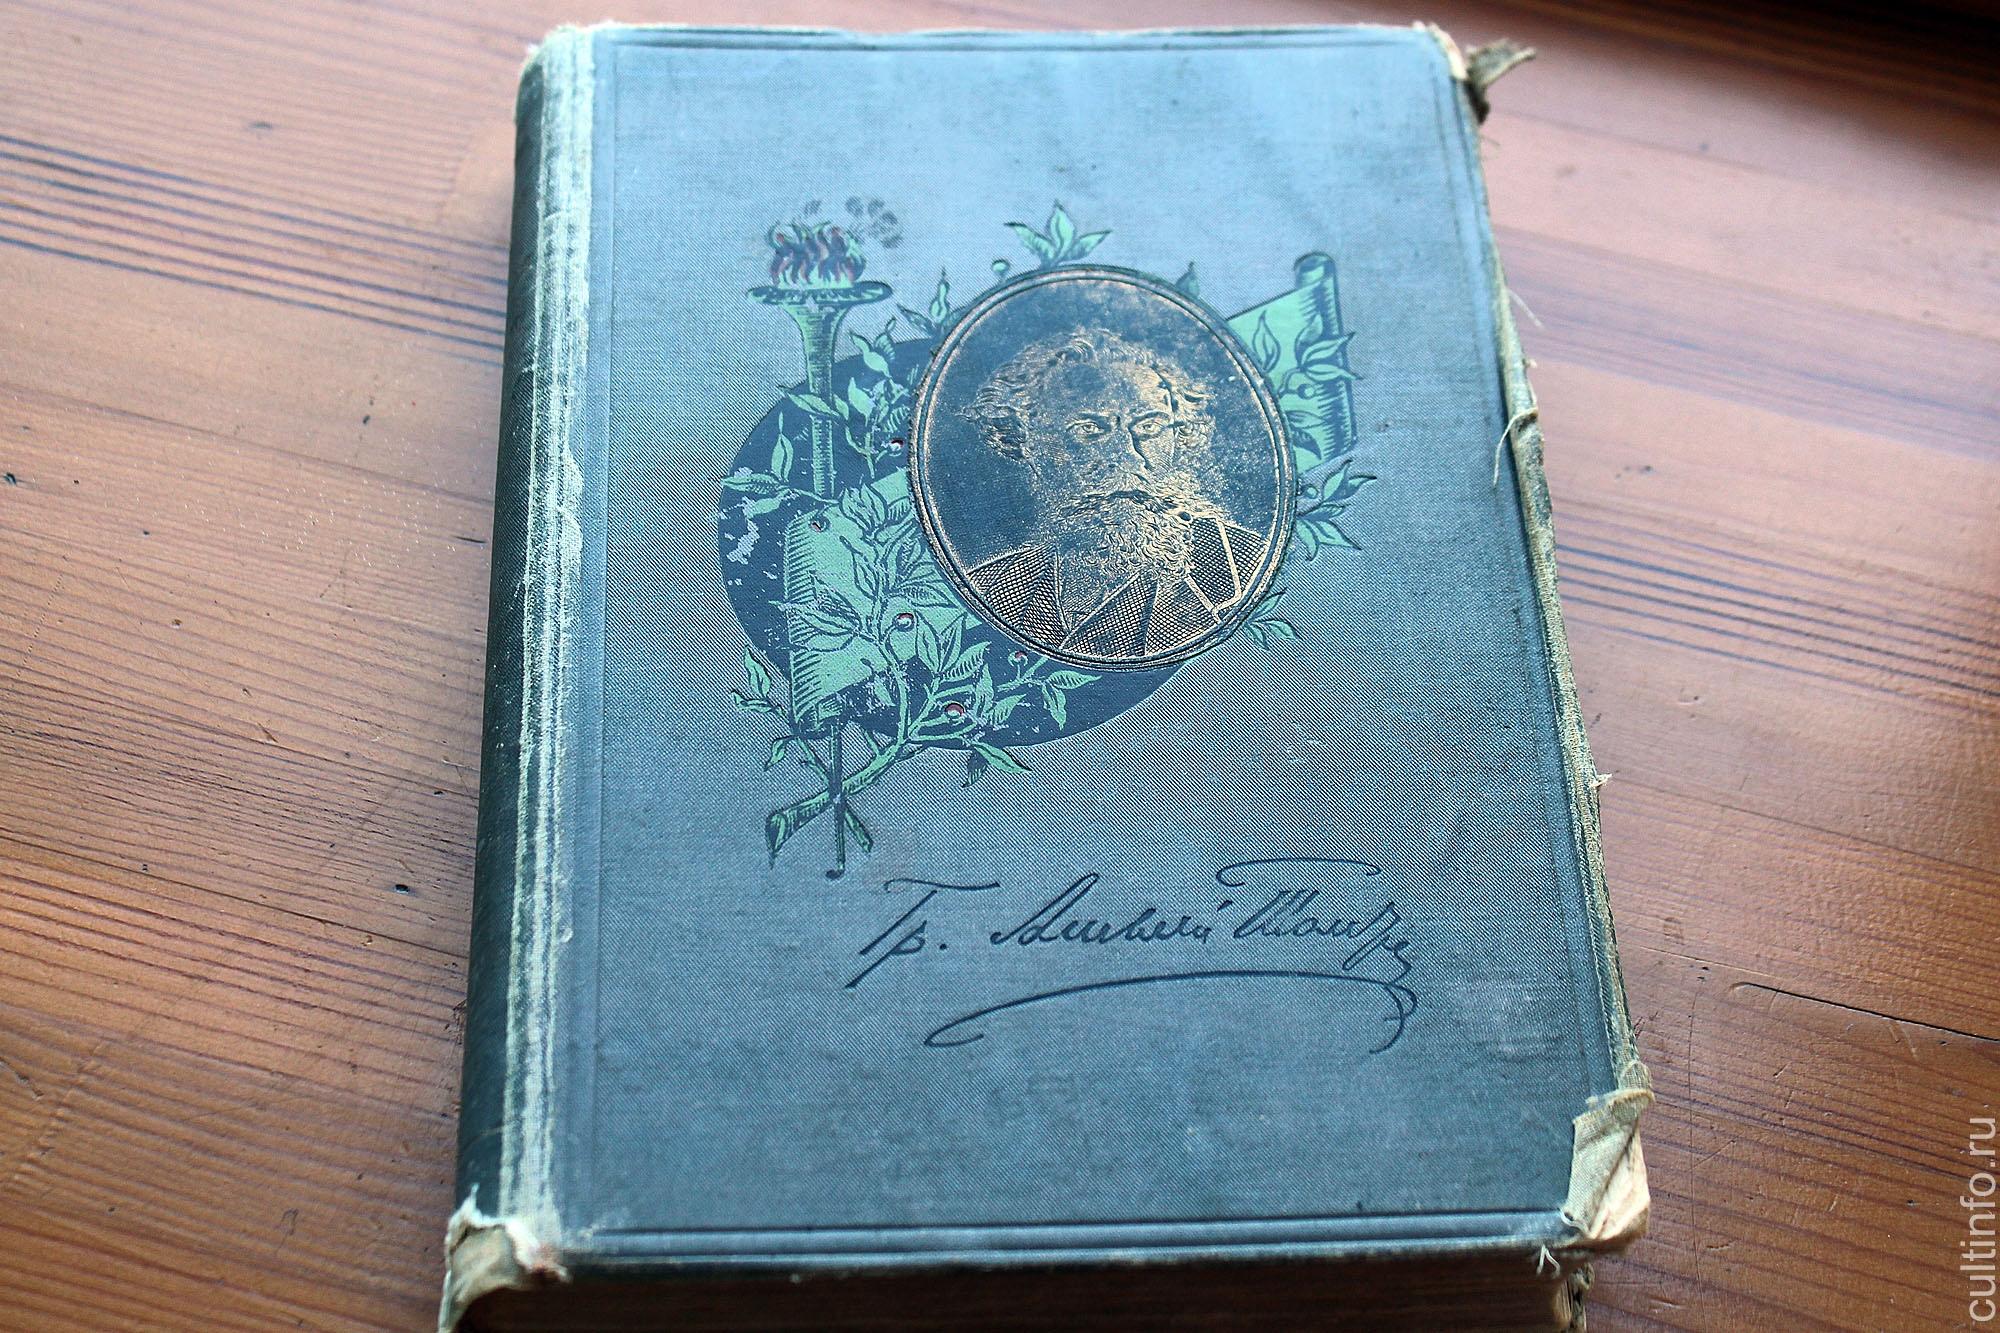 Житель Вологды нашел на улице книгу Алексея Толстого 1900 года издания